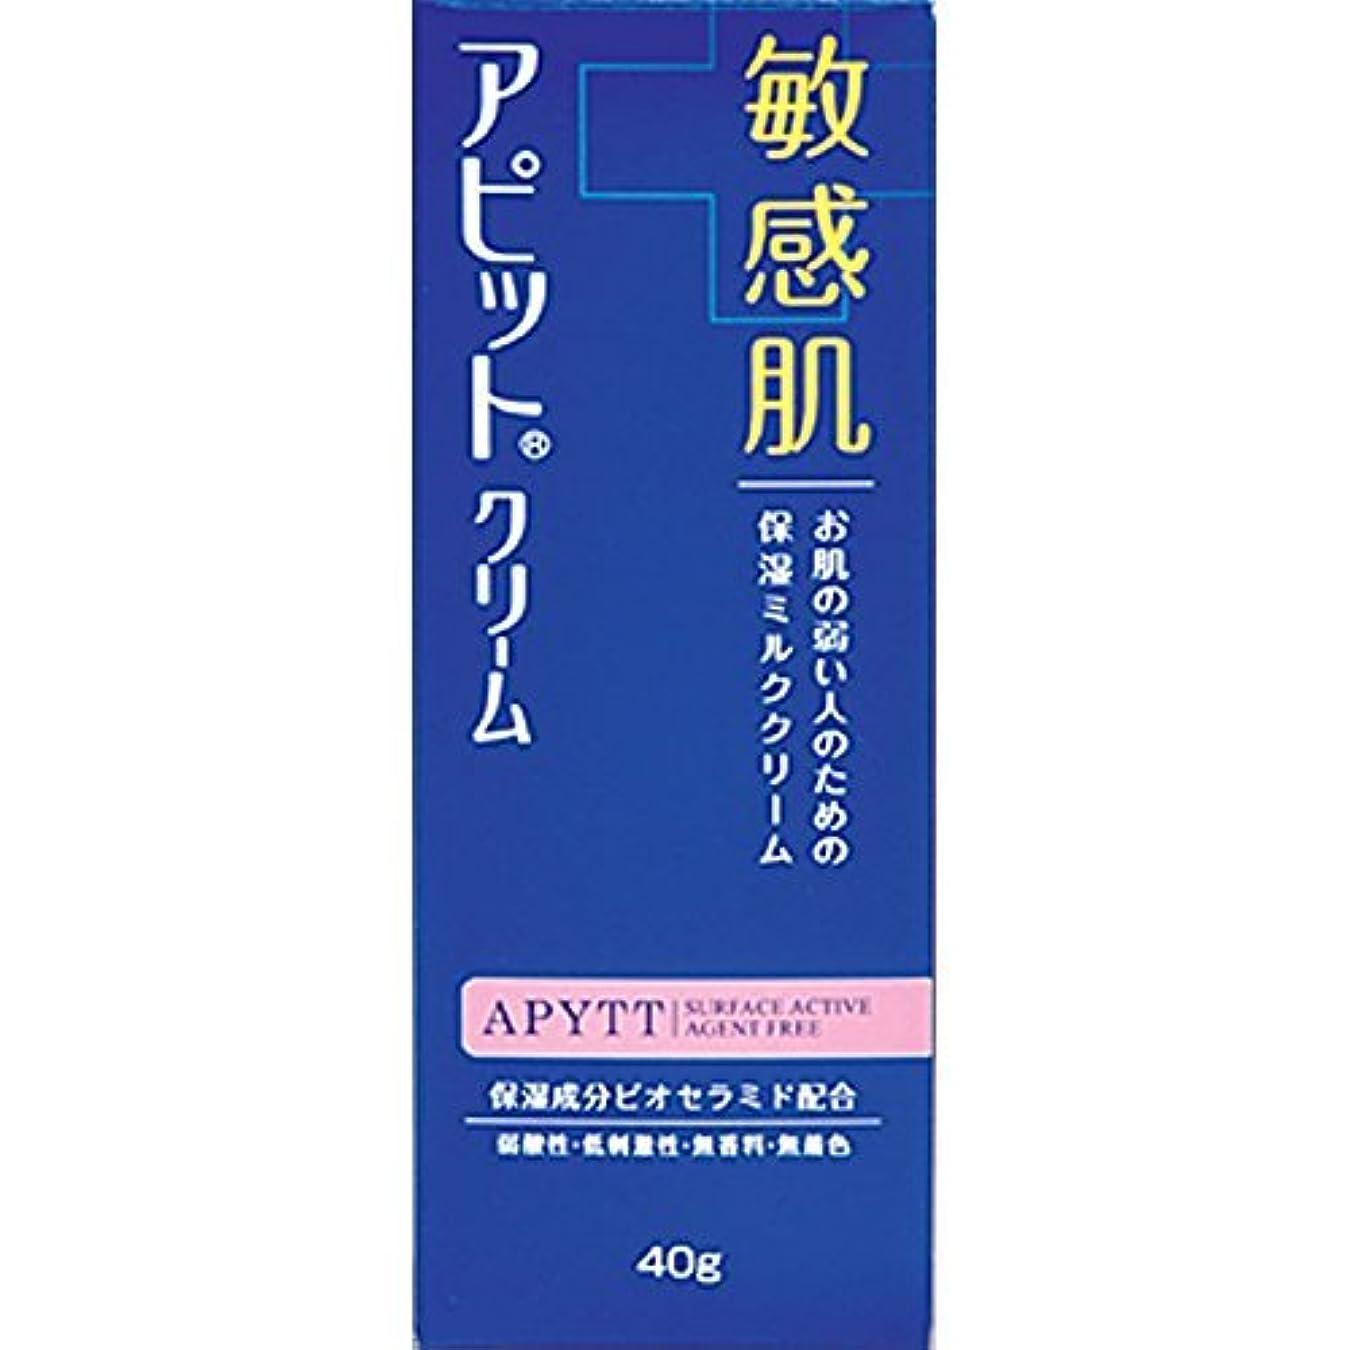 マーガレットミッチェル週末推論全薬工業 アピットクリーム 40g (医薬部外品)